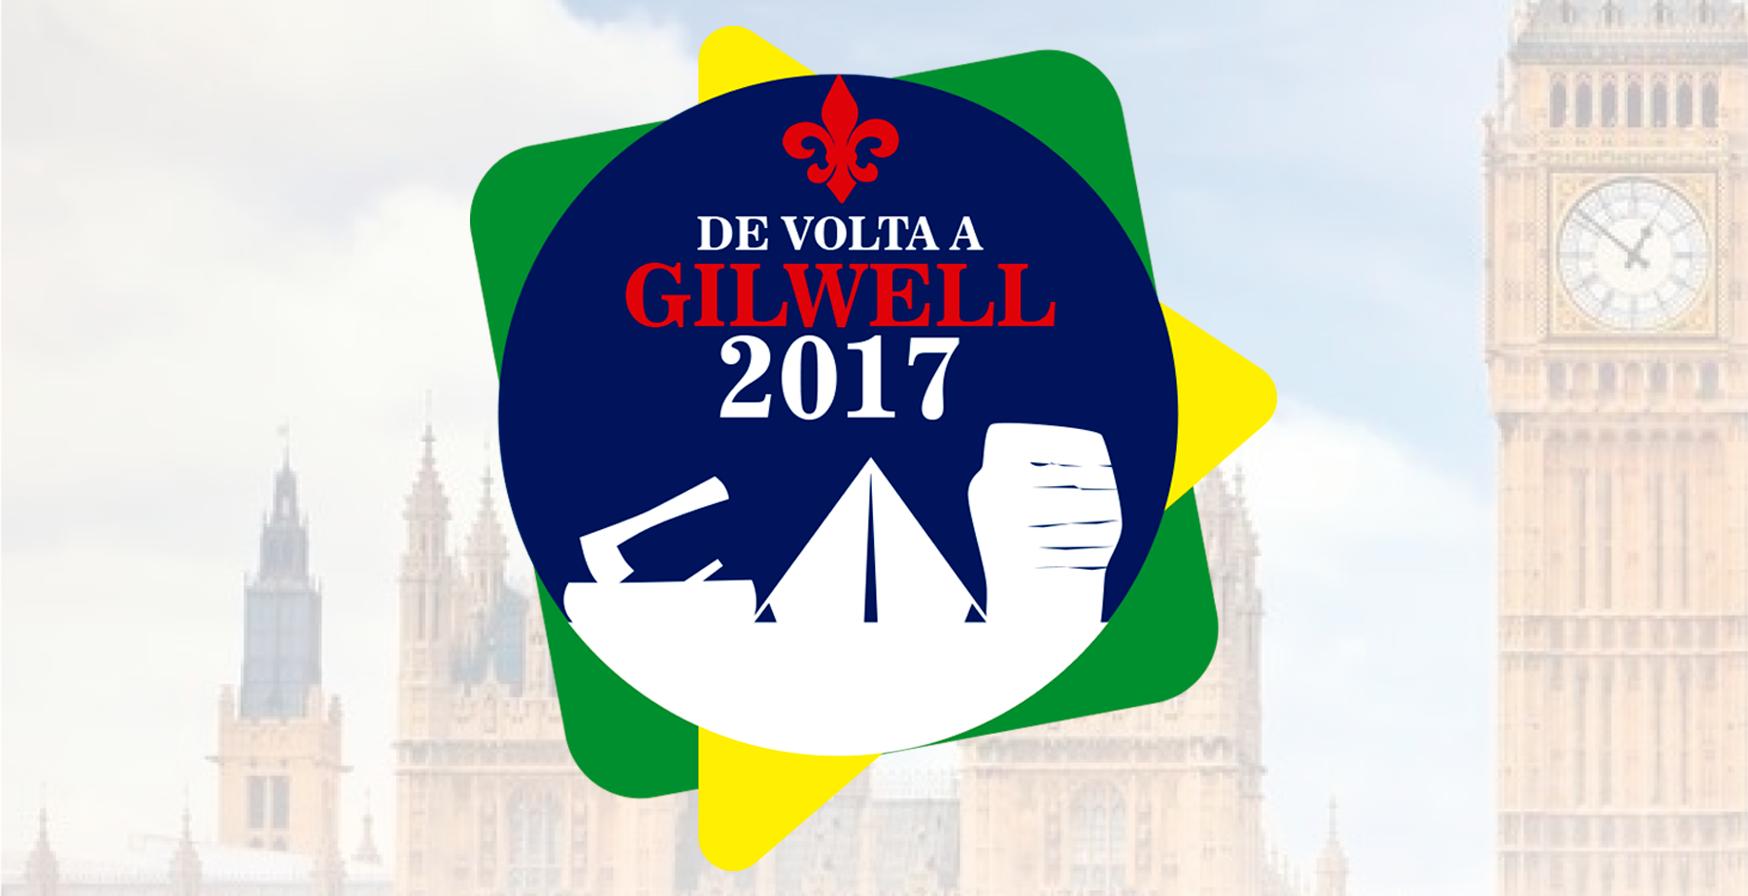 De Volta a Gilwell 2017